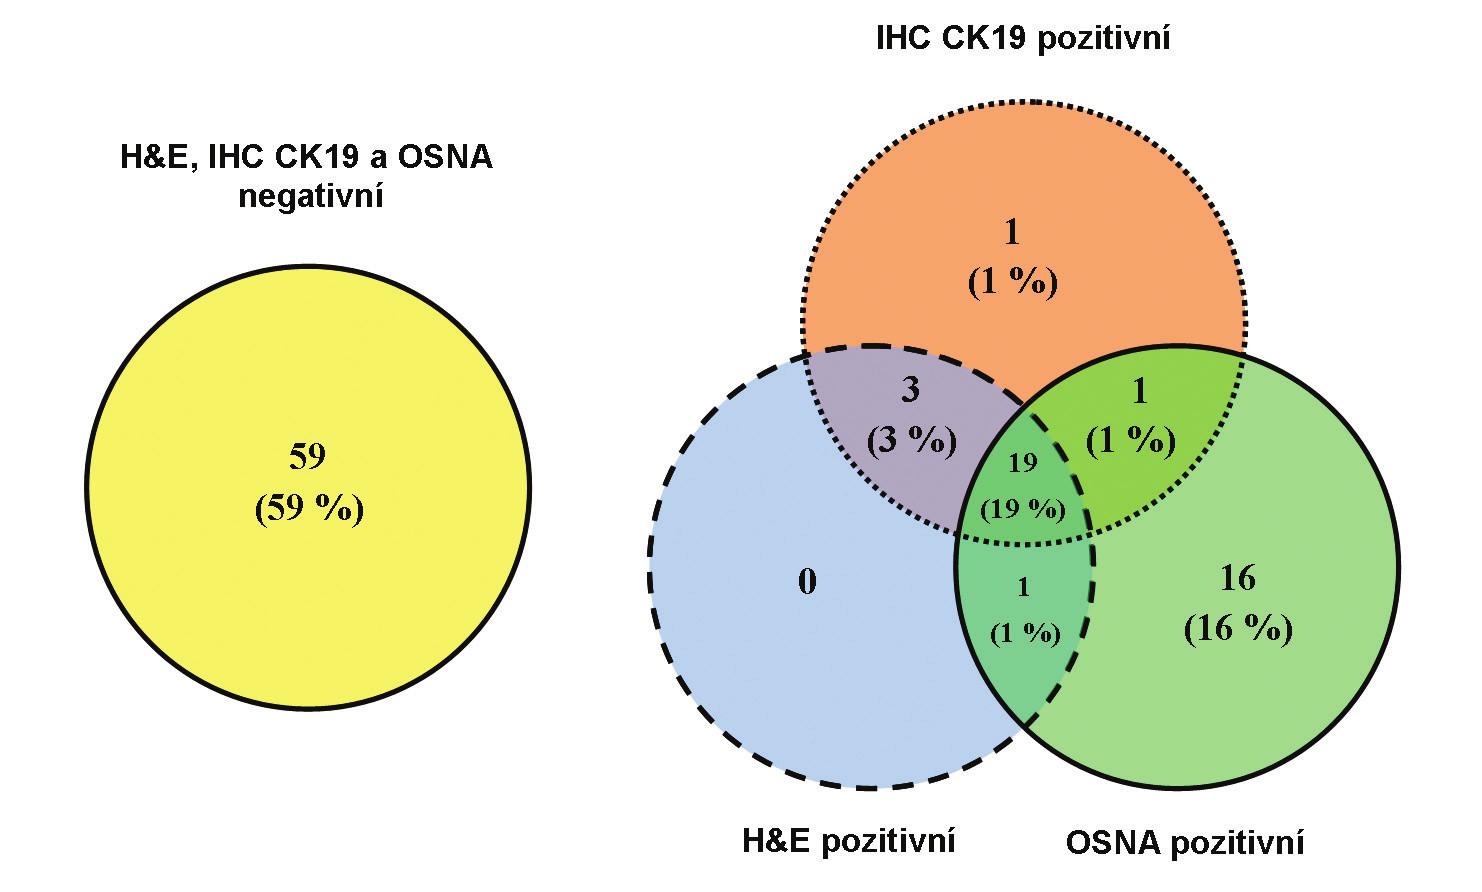 Porovnání shody výsledků vyšetření pacientů metodami H&E, IHC CK19 a OSNA pomocí Vennových diagramů<br> Graph 1: Comparison of identical examination results of patients using the H&E, IHC CK19 and OSNA methods by Venn diagrams